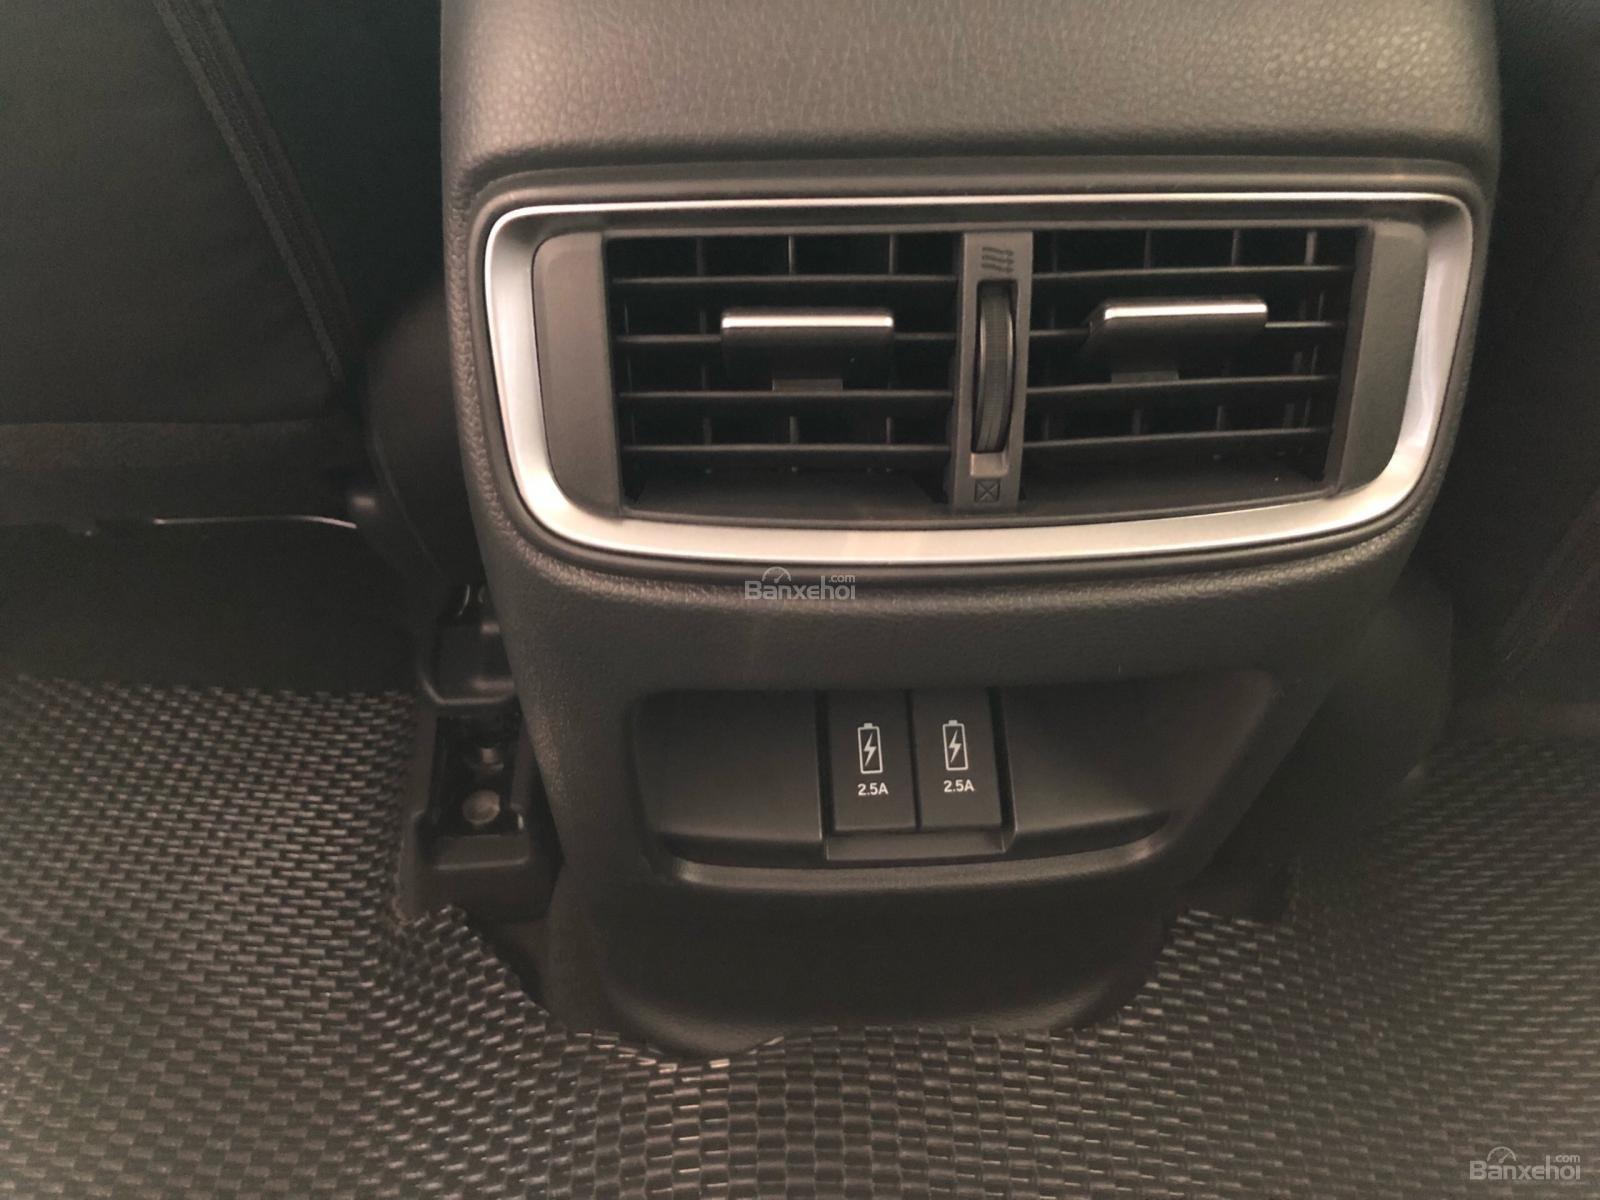 Bán Honda CRV E 2019, còn vài xe giao liền, khuyến mãi khủng 20Tr tiền mặt, chỉ cần 260Tr nhận xe đủ chi phí-3